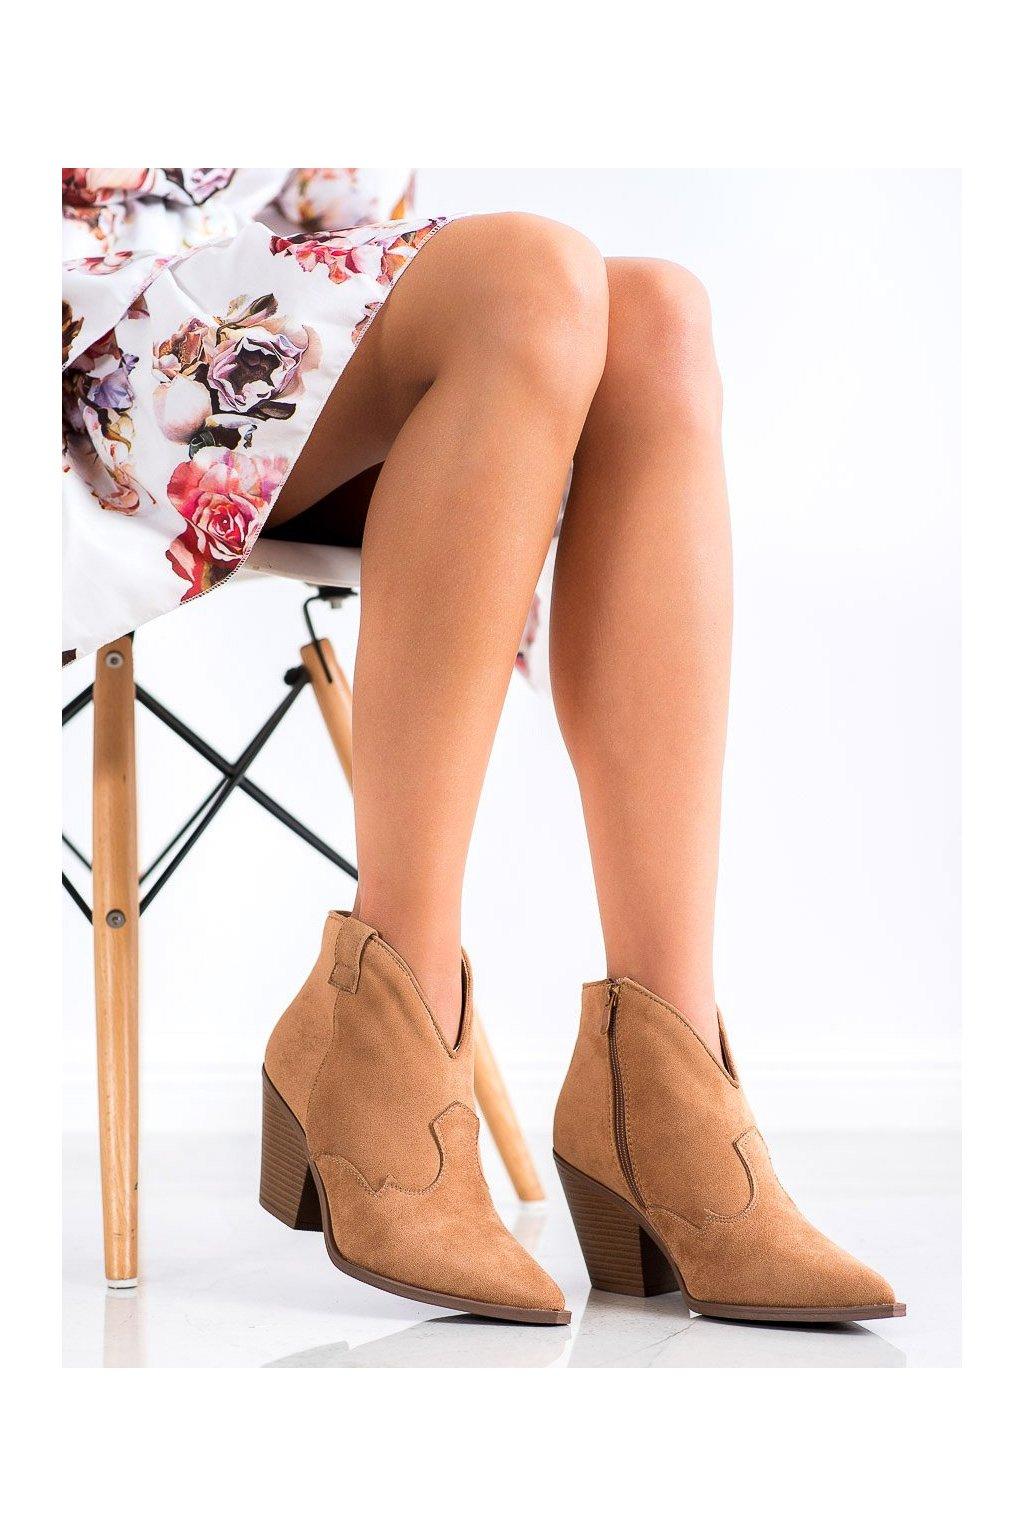 Hnedé dámske topánky Sweet shoes kod D7626KH